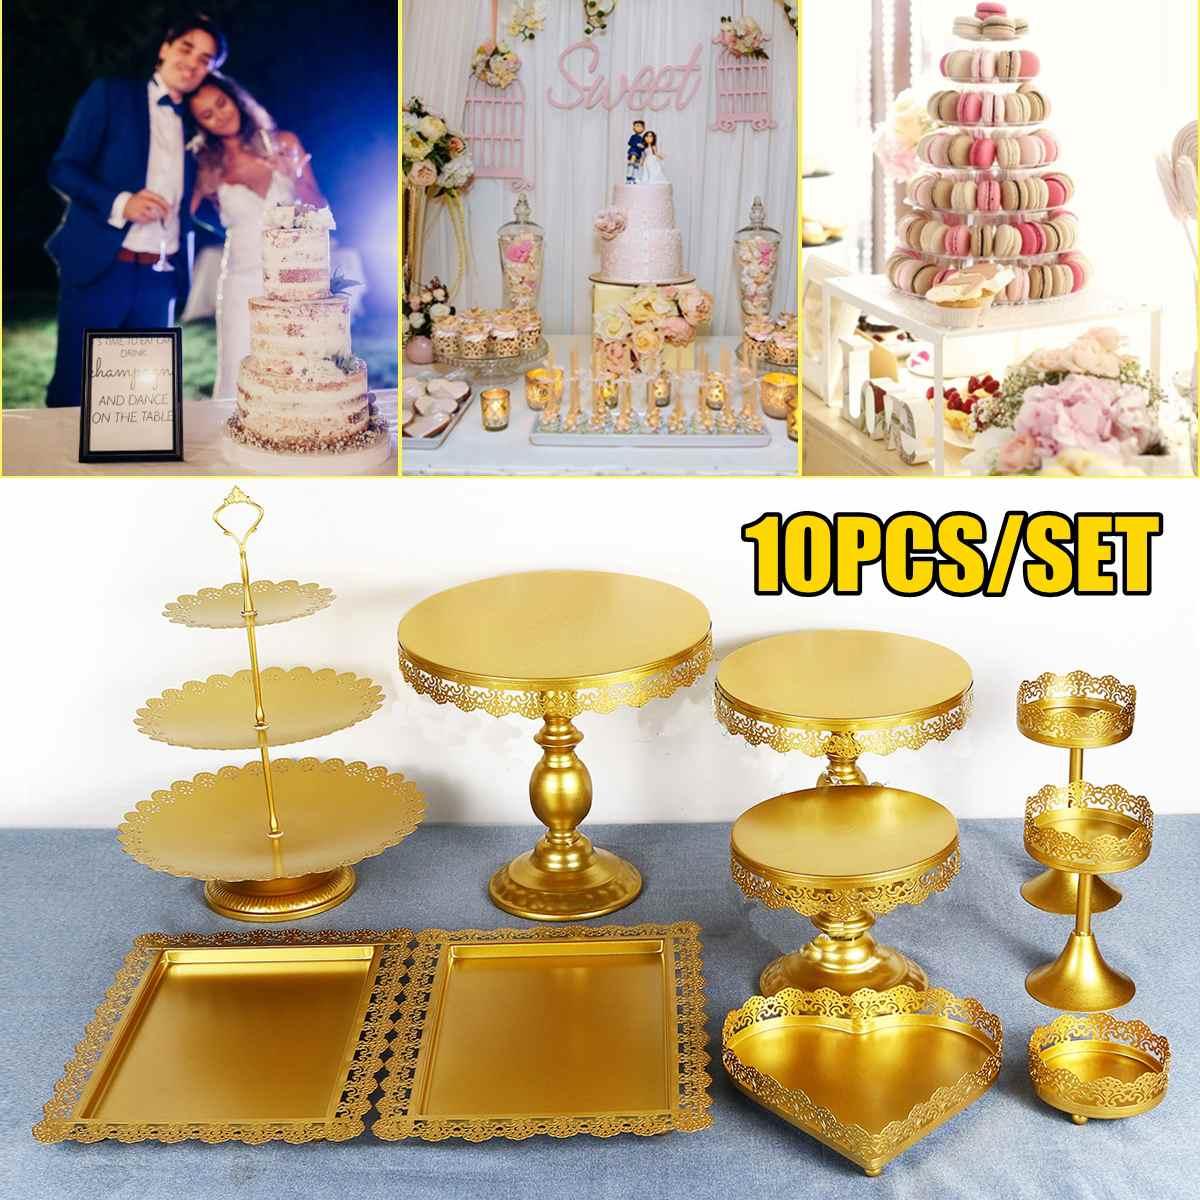 طقم حامل كعك ذهبي 5/10 قطعة دائري معدني كريستال كب كيك عرض الحلوى الركيزة عرض حفلات الزفاف تزيين الطاولة